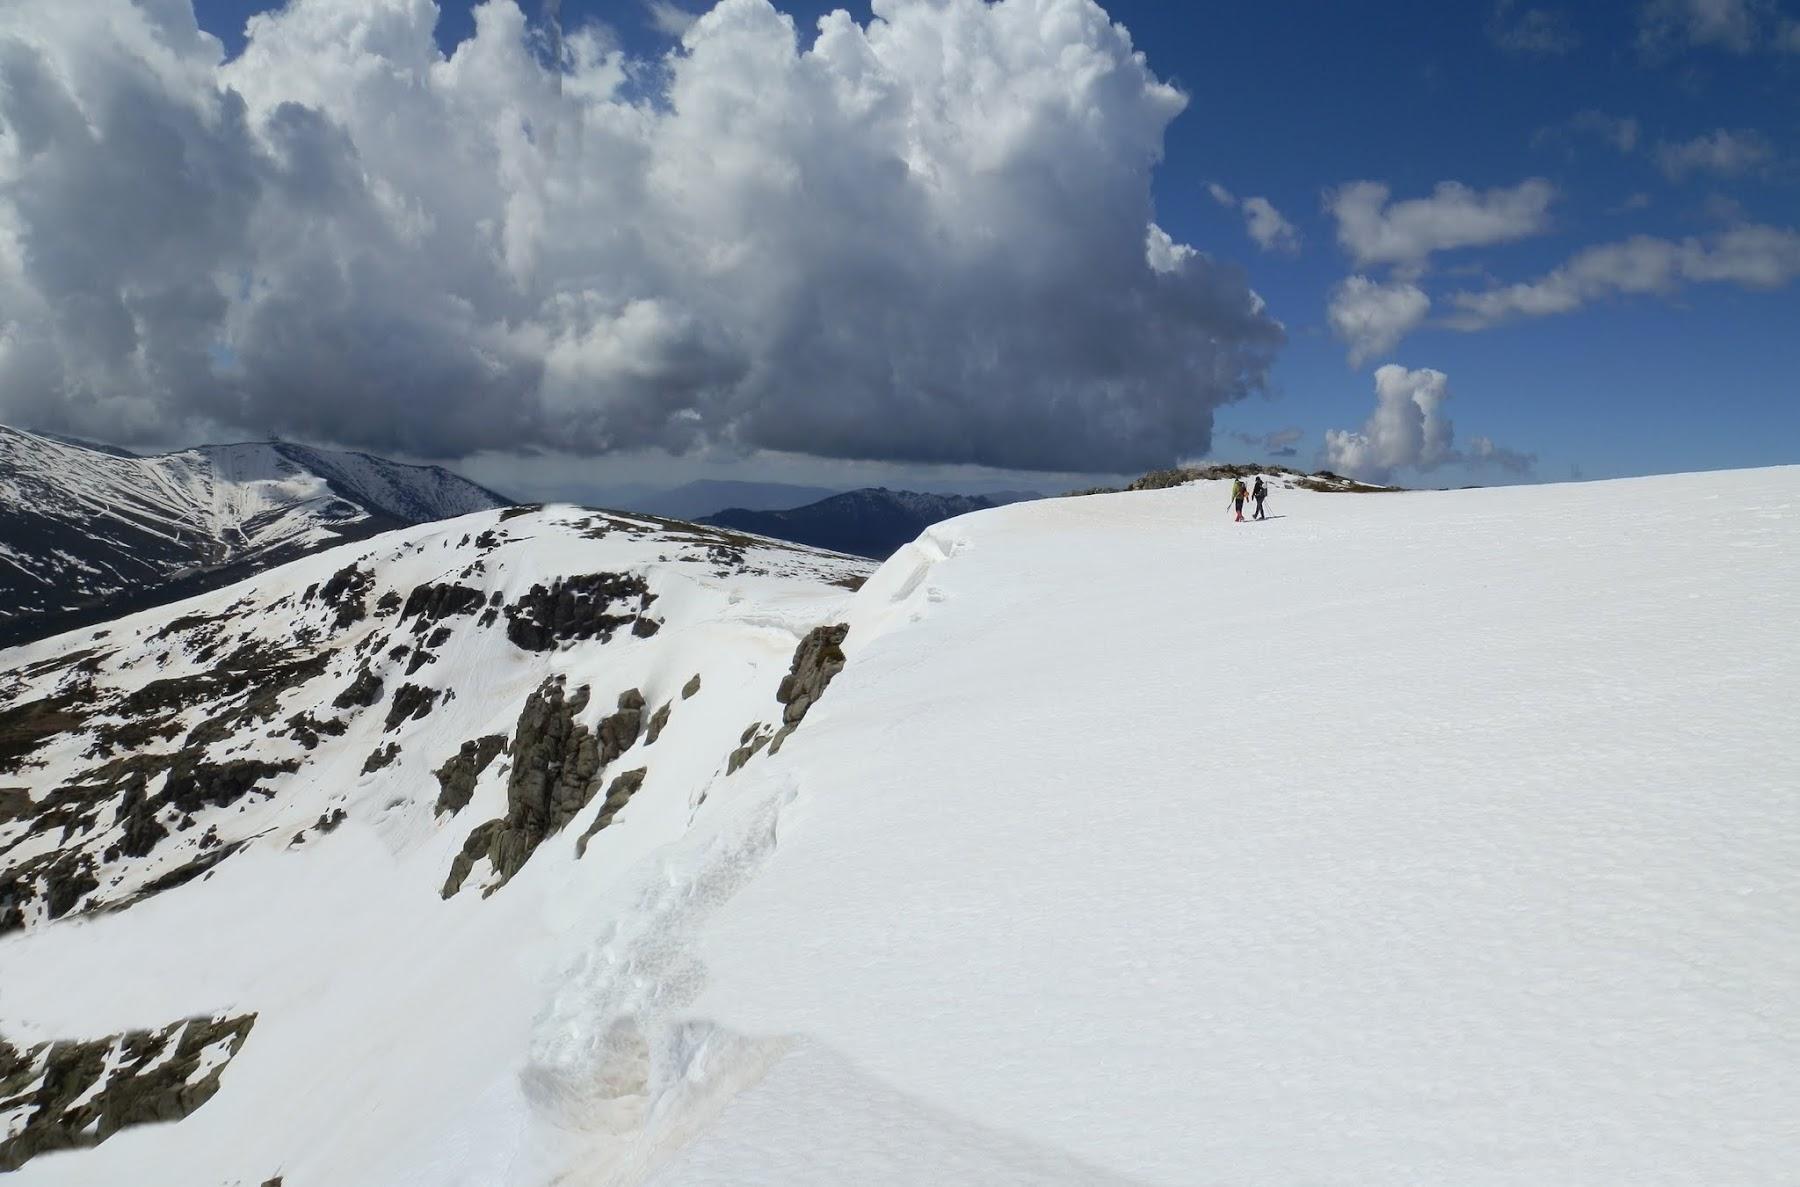 Peñalara, iniciación montaña invernal